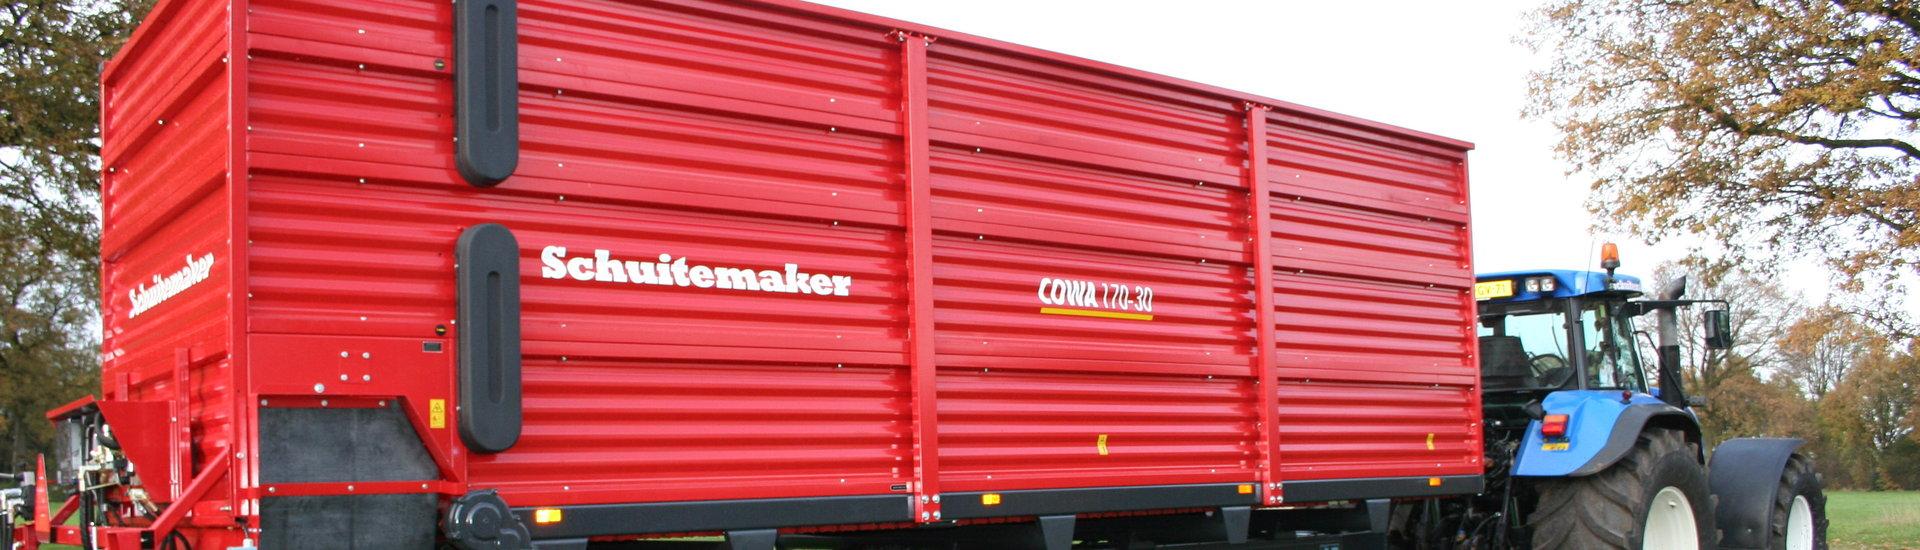 Schuitemaker compostwagen